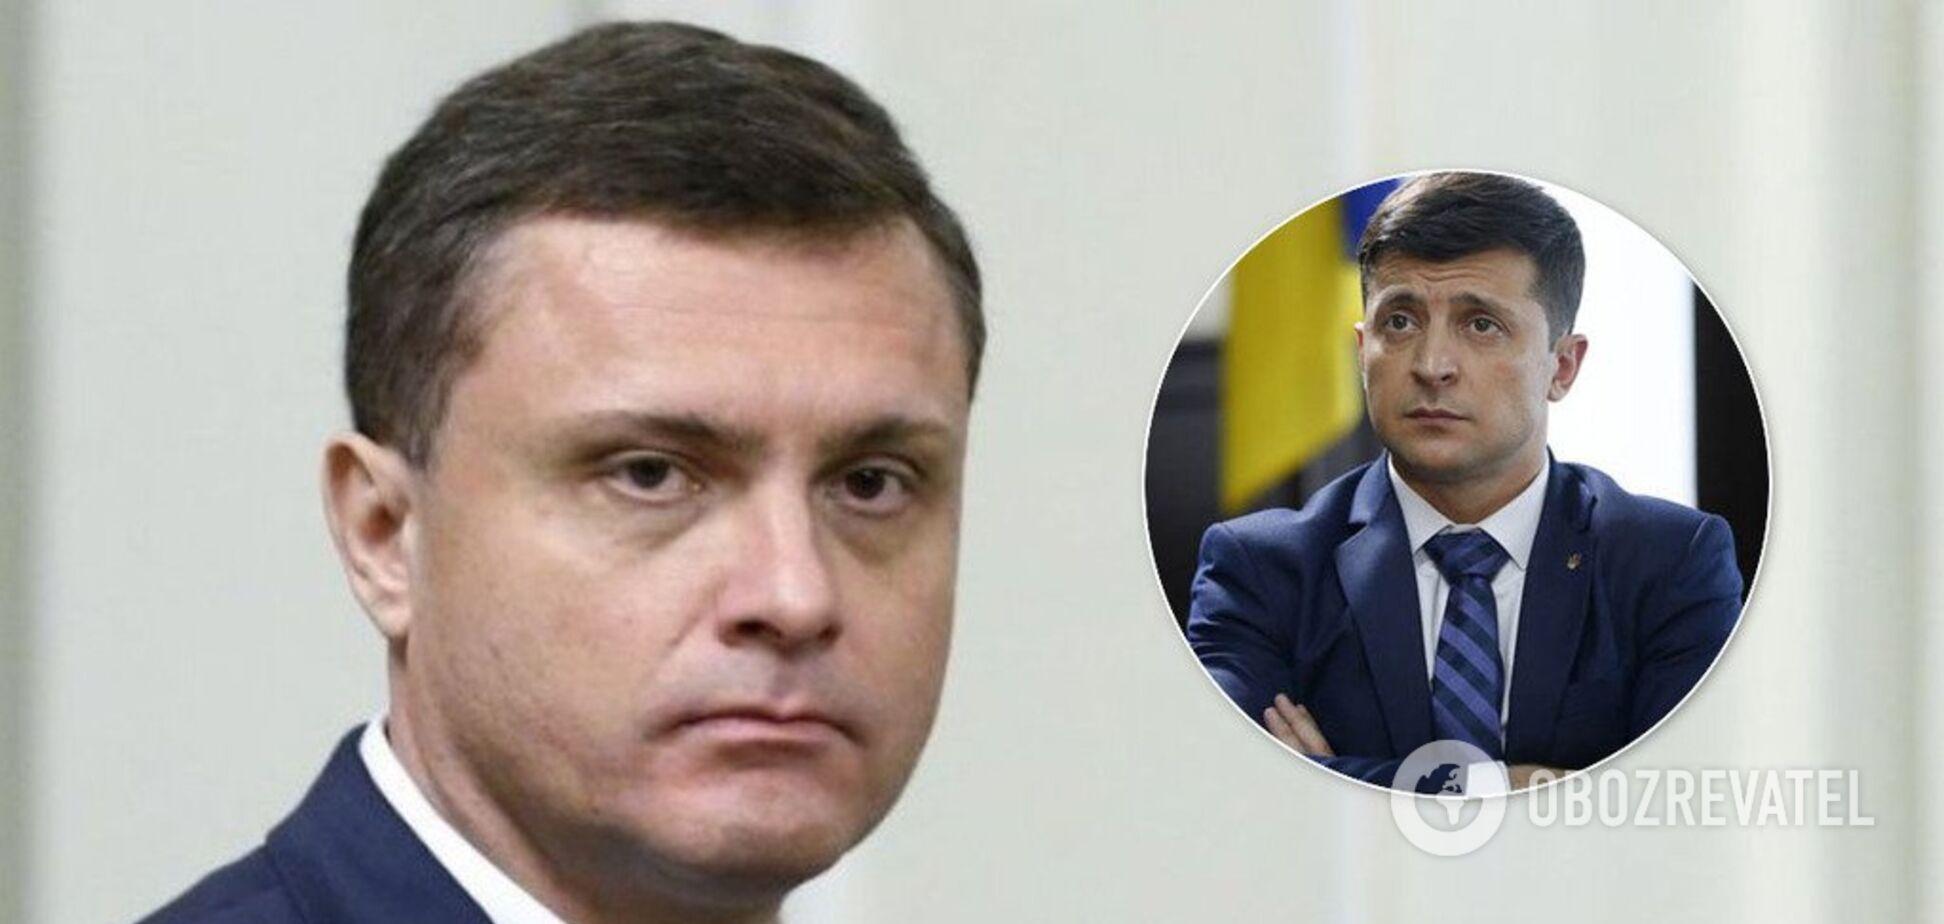 'Будемо допомагати!' Льовочкін розповів про домовленості із Зеленським і Медведчуком